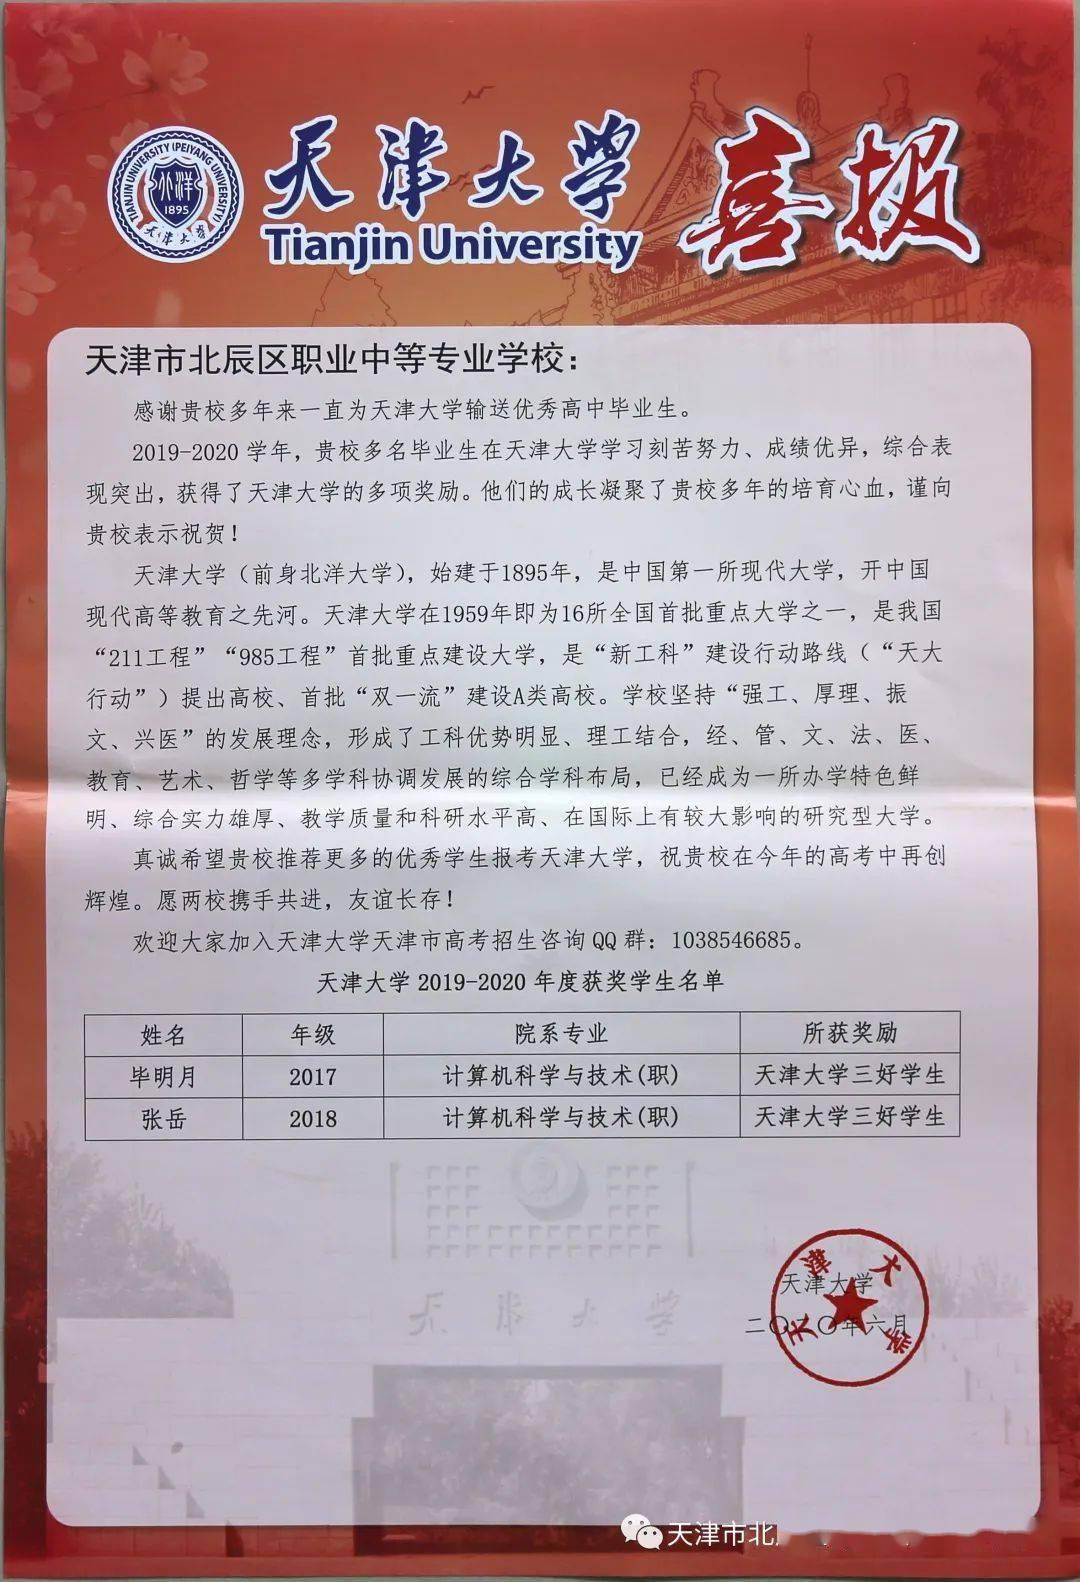 三好学生证书大改版,先睹为快!_手机搜狐网